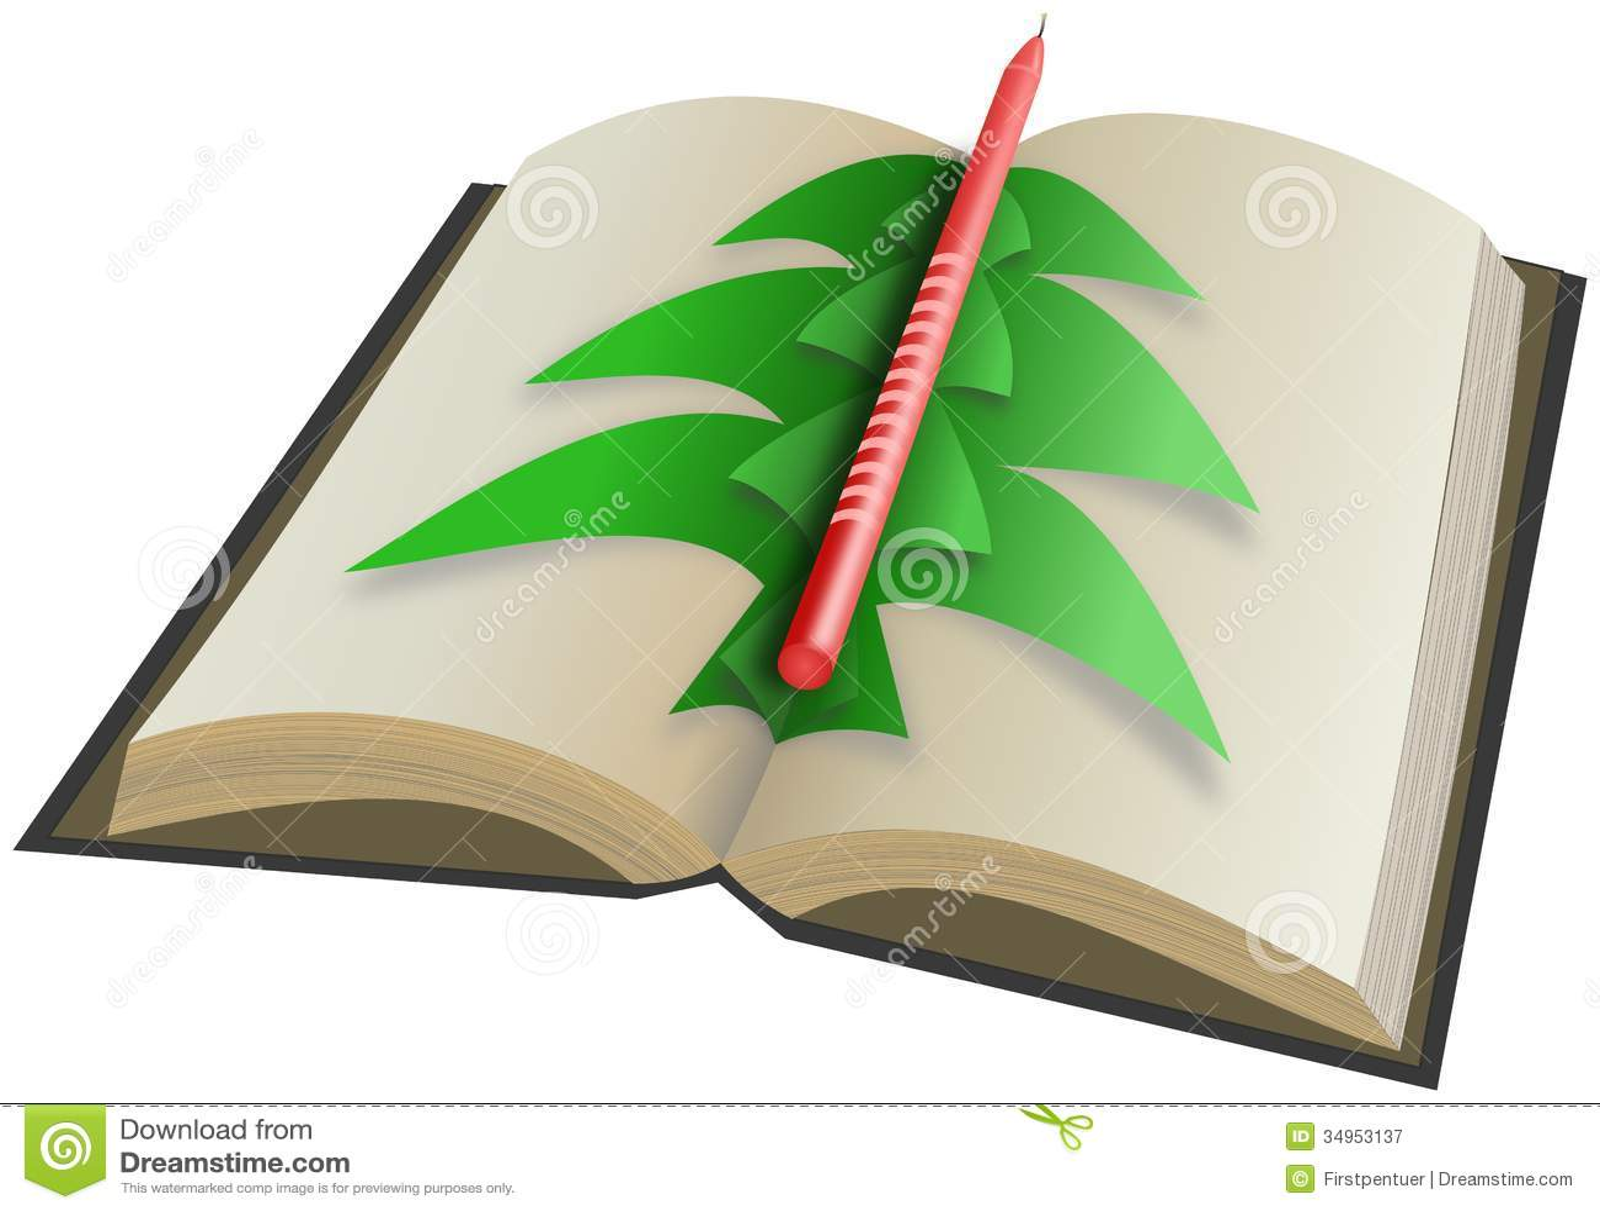 Rbol de navidad de papel en el libro abierto con la vela - Arbol de navidad con libros ...